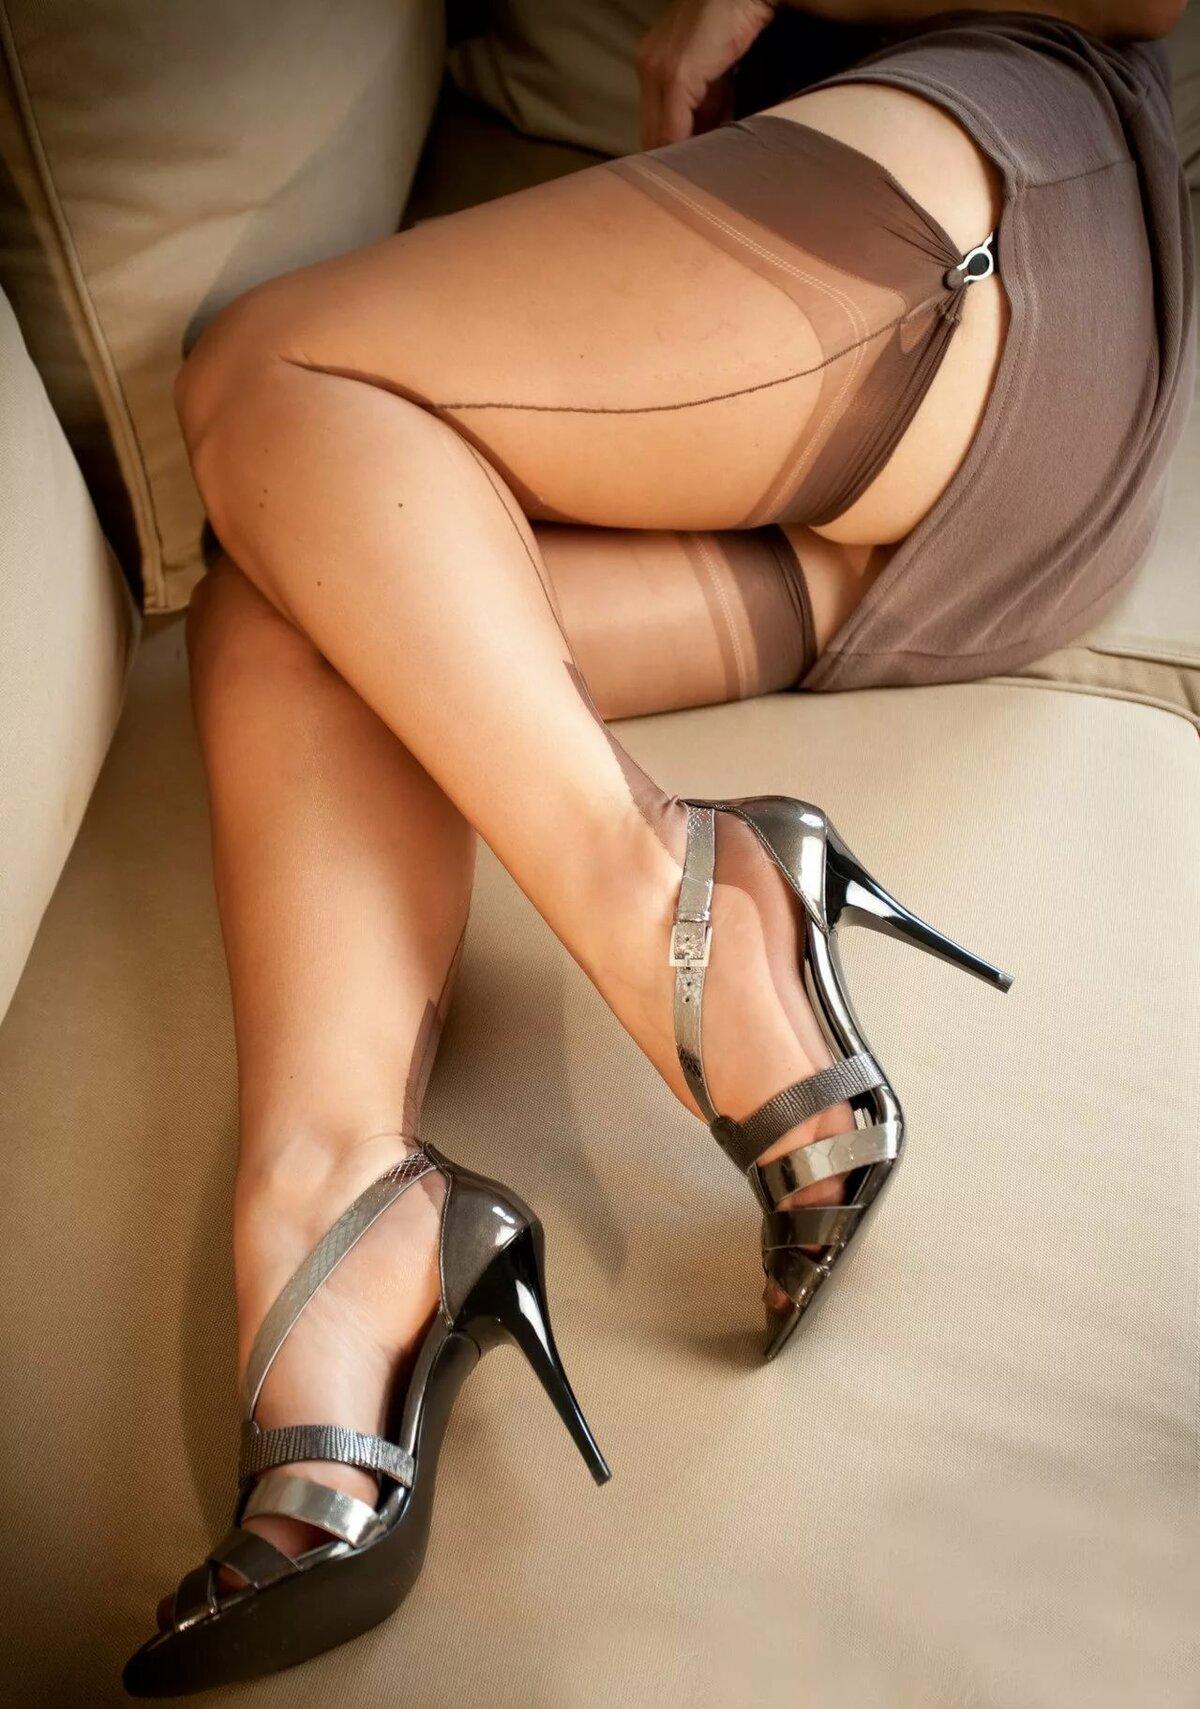 ножки в чулках ролики давыдов повернулся женщинам